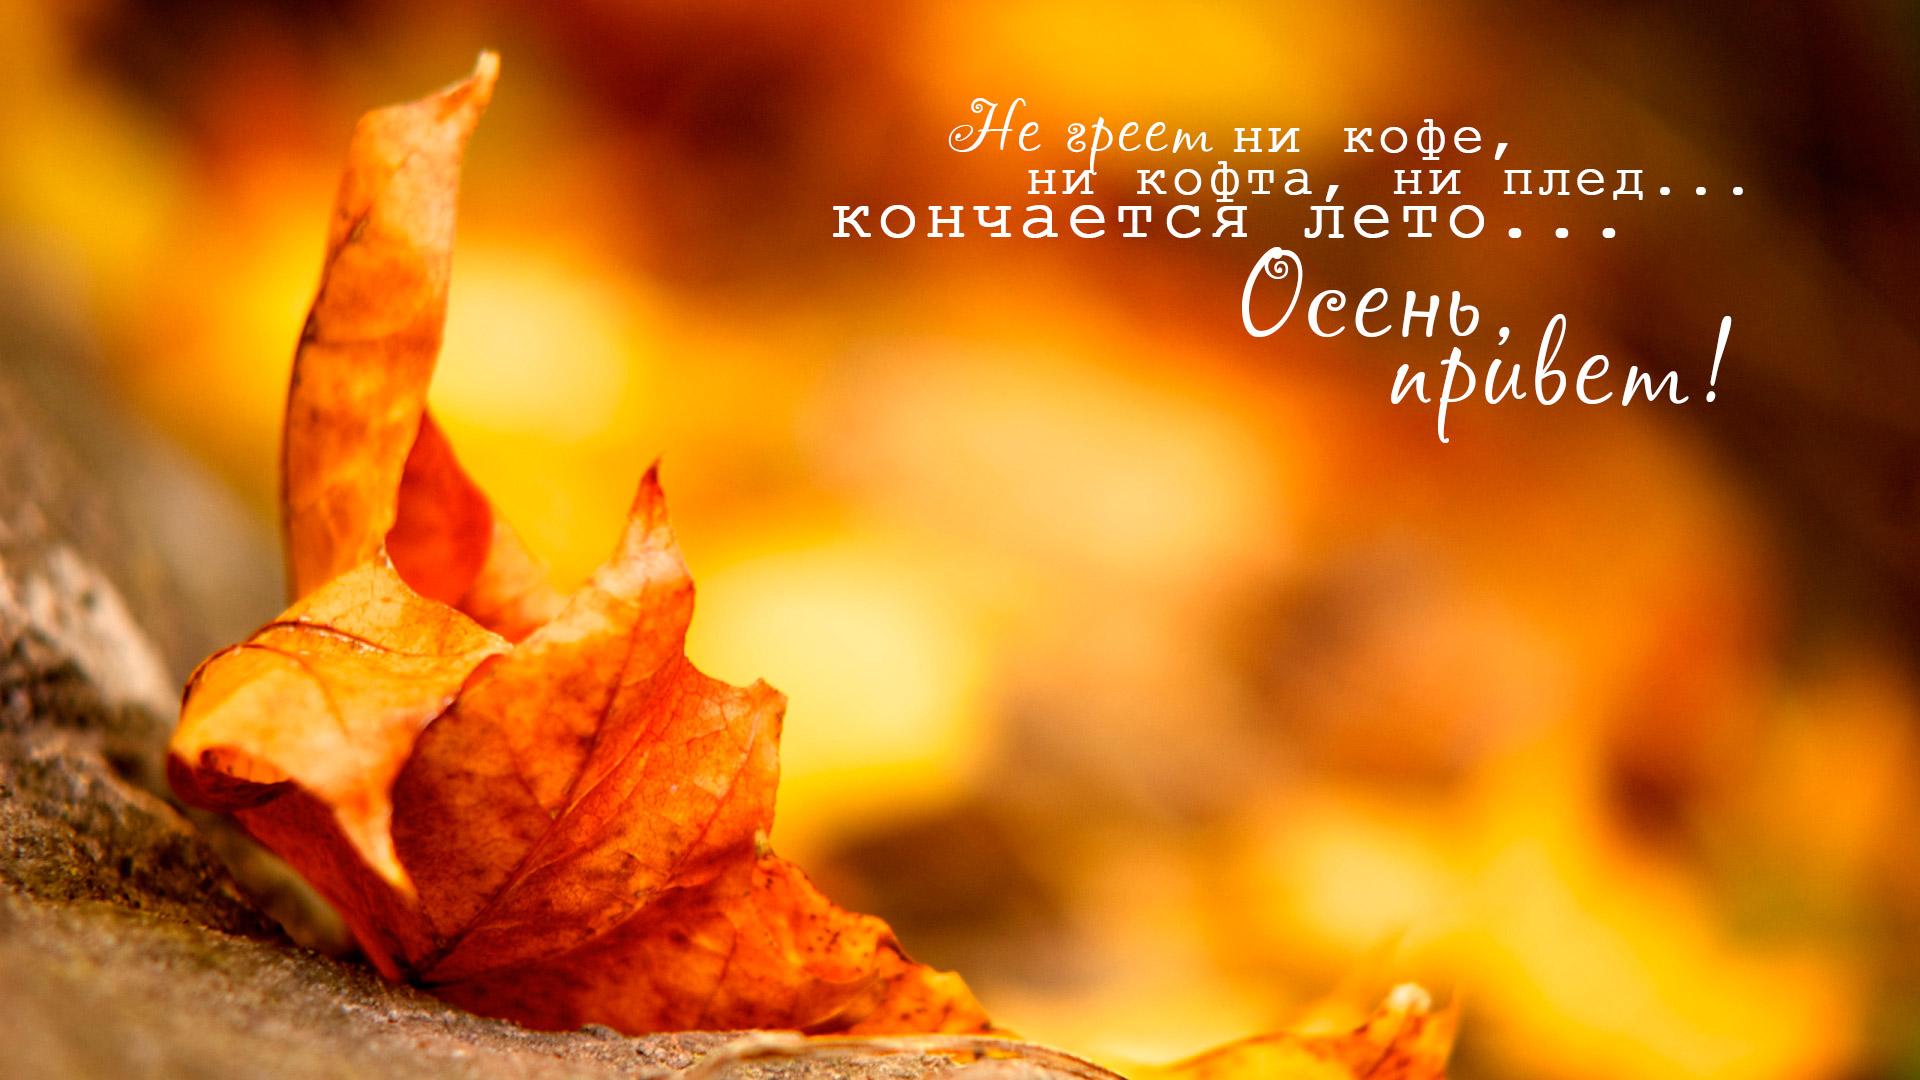 Не греет ни кофе, ни кофта, ни плед... кончается лето... Осень, привет!